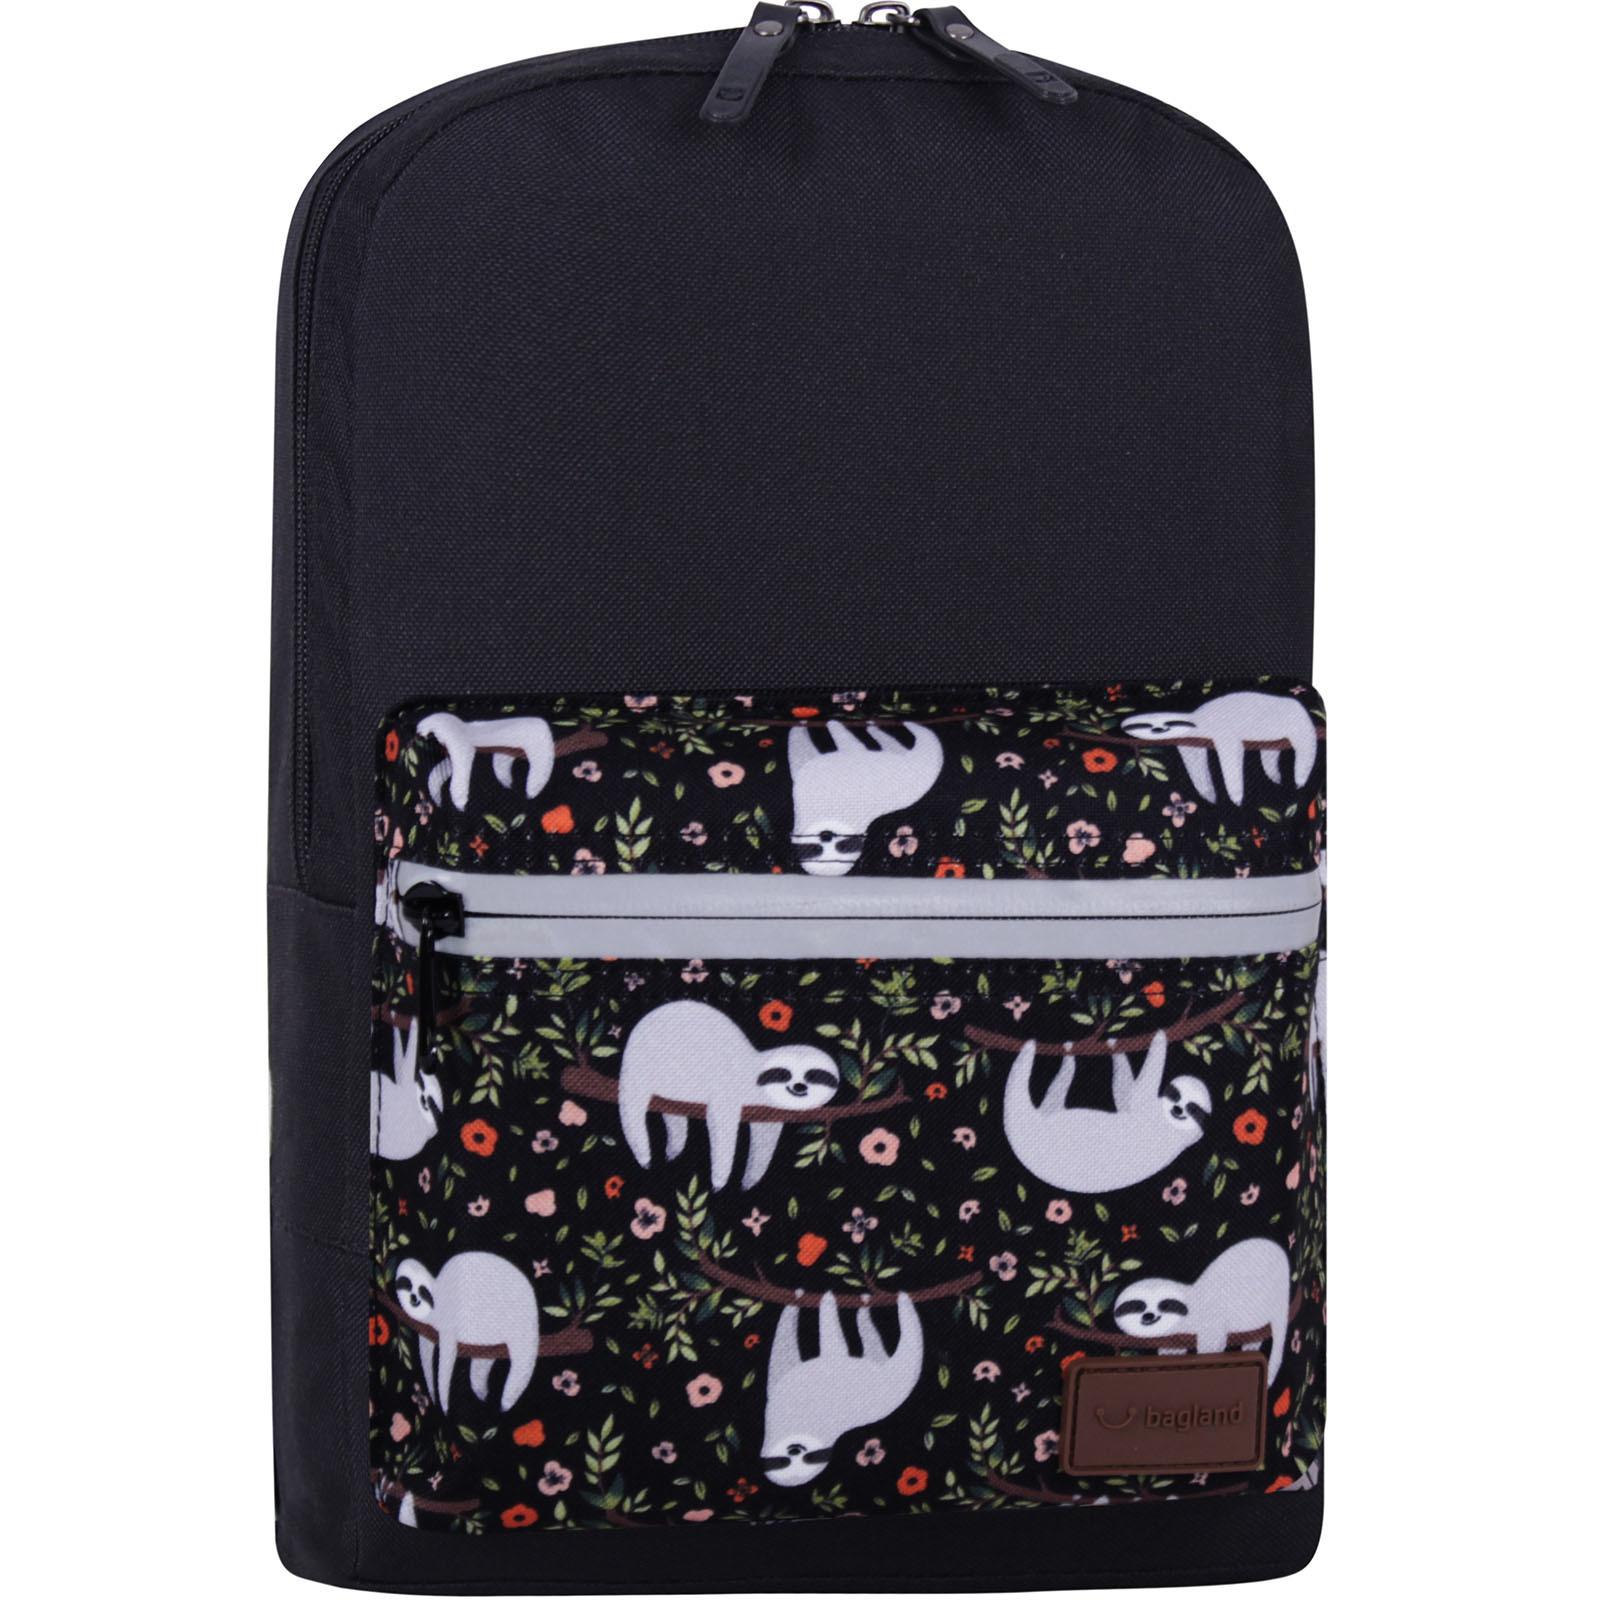 Молодежные рюкзаки Рюкзак Bagland Молодежный mini 8 л. черный 743 (0050866) IMG_7714_суб743_-1600.jpg